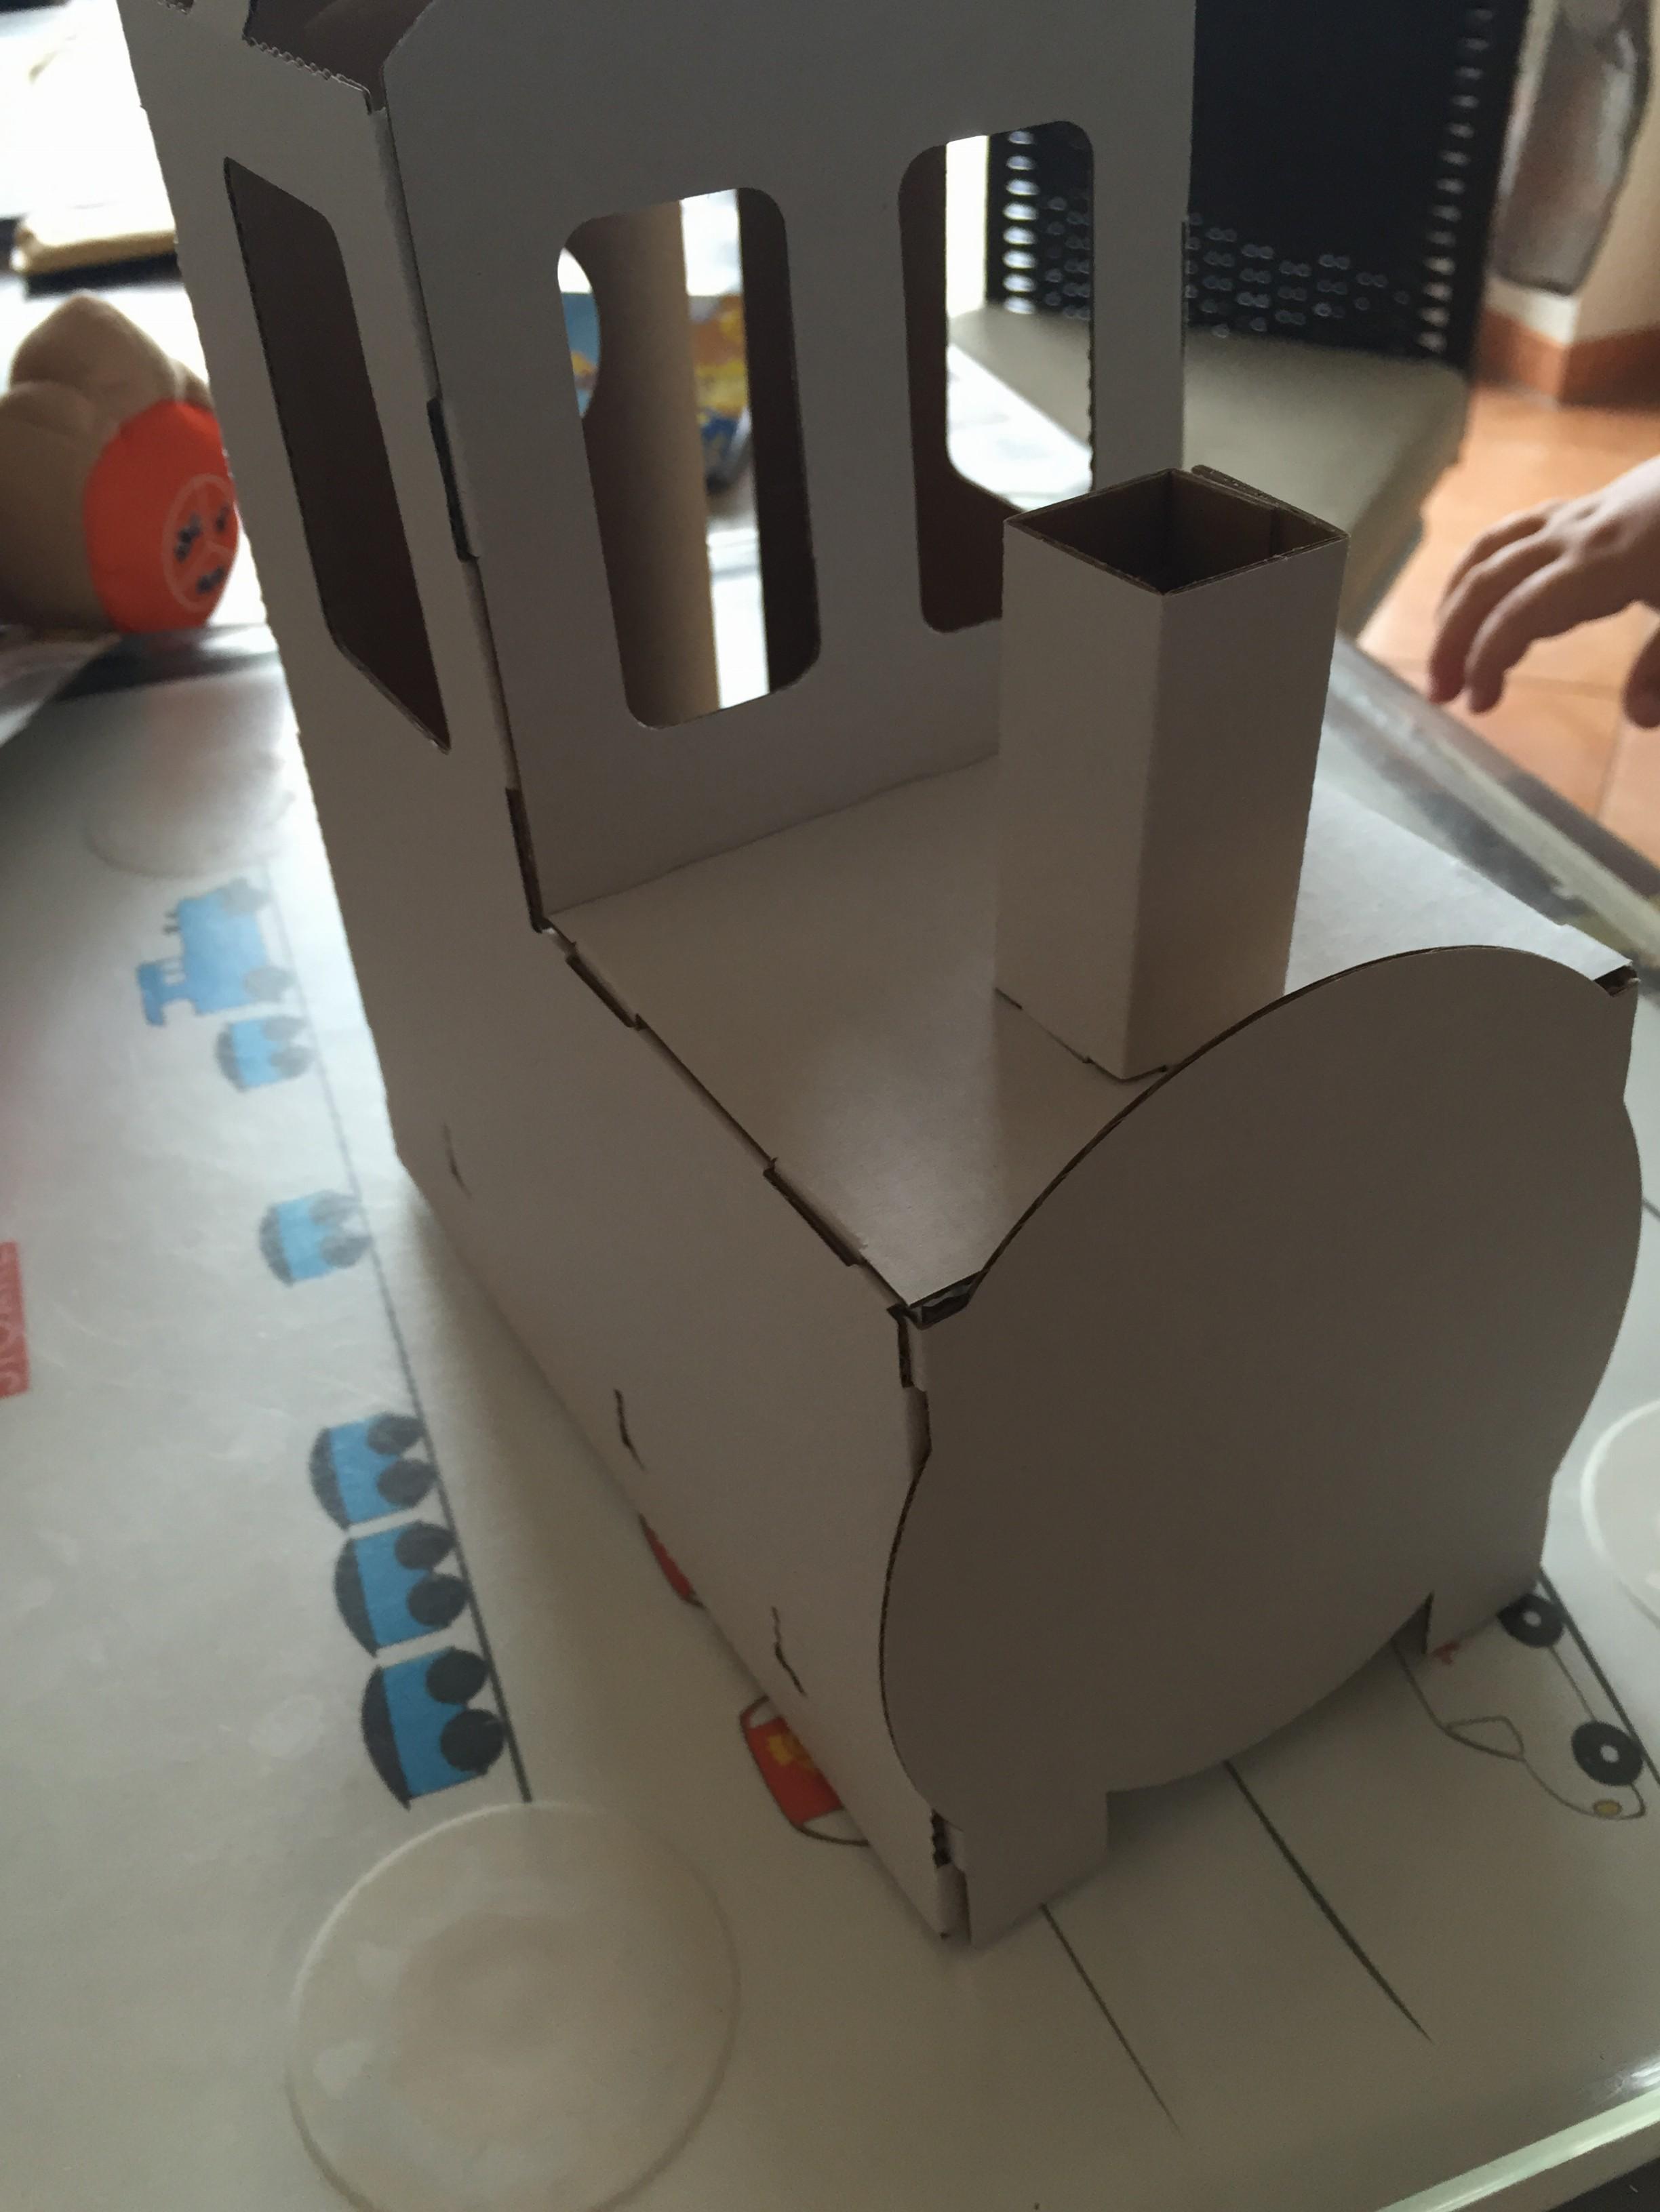 einzigartig kinderspielzeug zum selber bauen tierspielzeug. Black Bedroom Furniture Sets. Home Design Ideas